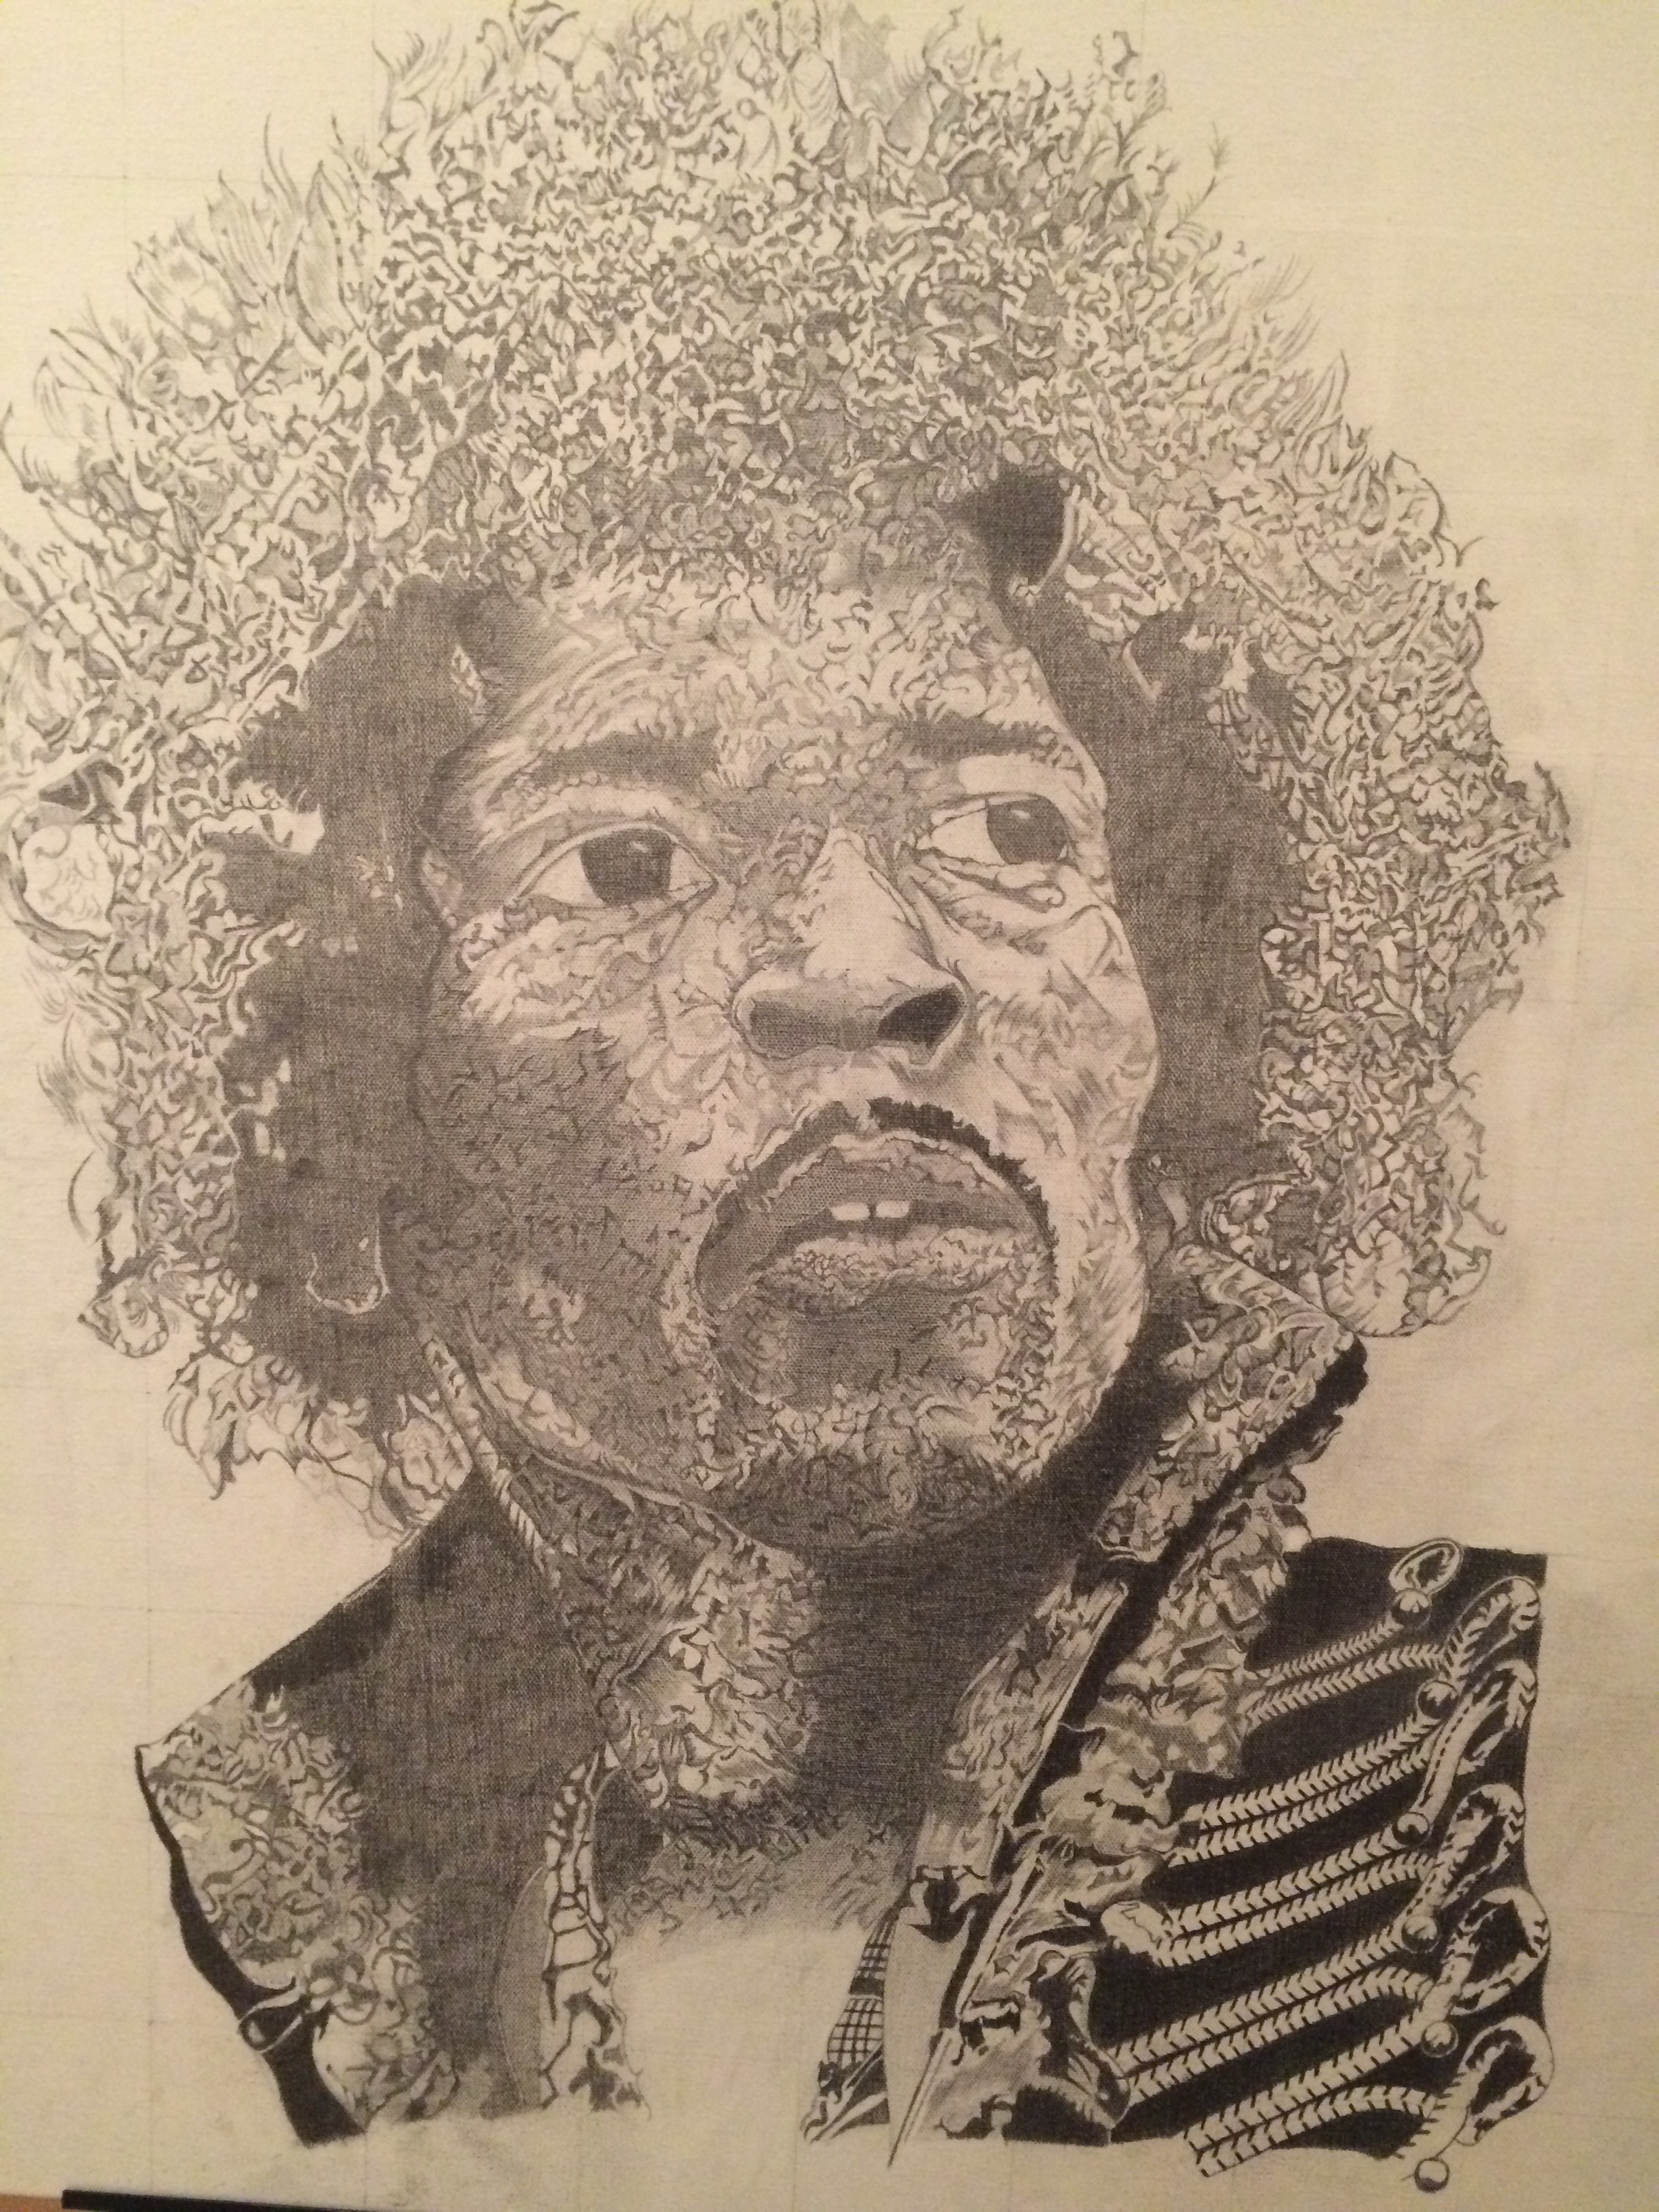 Jimi Hendrix 7